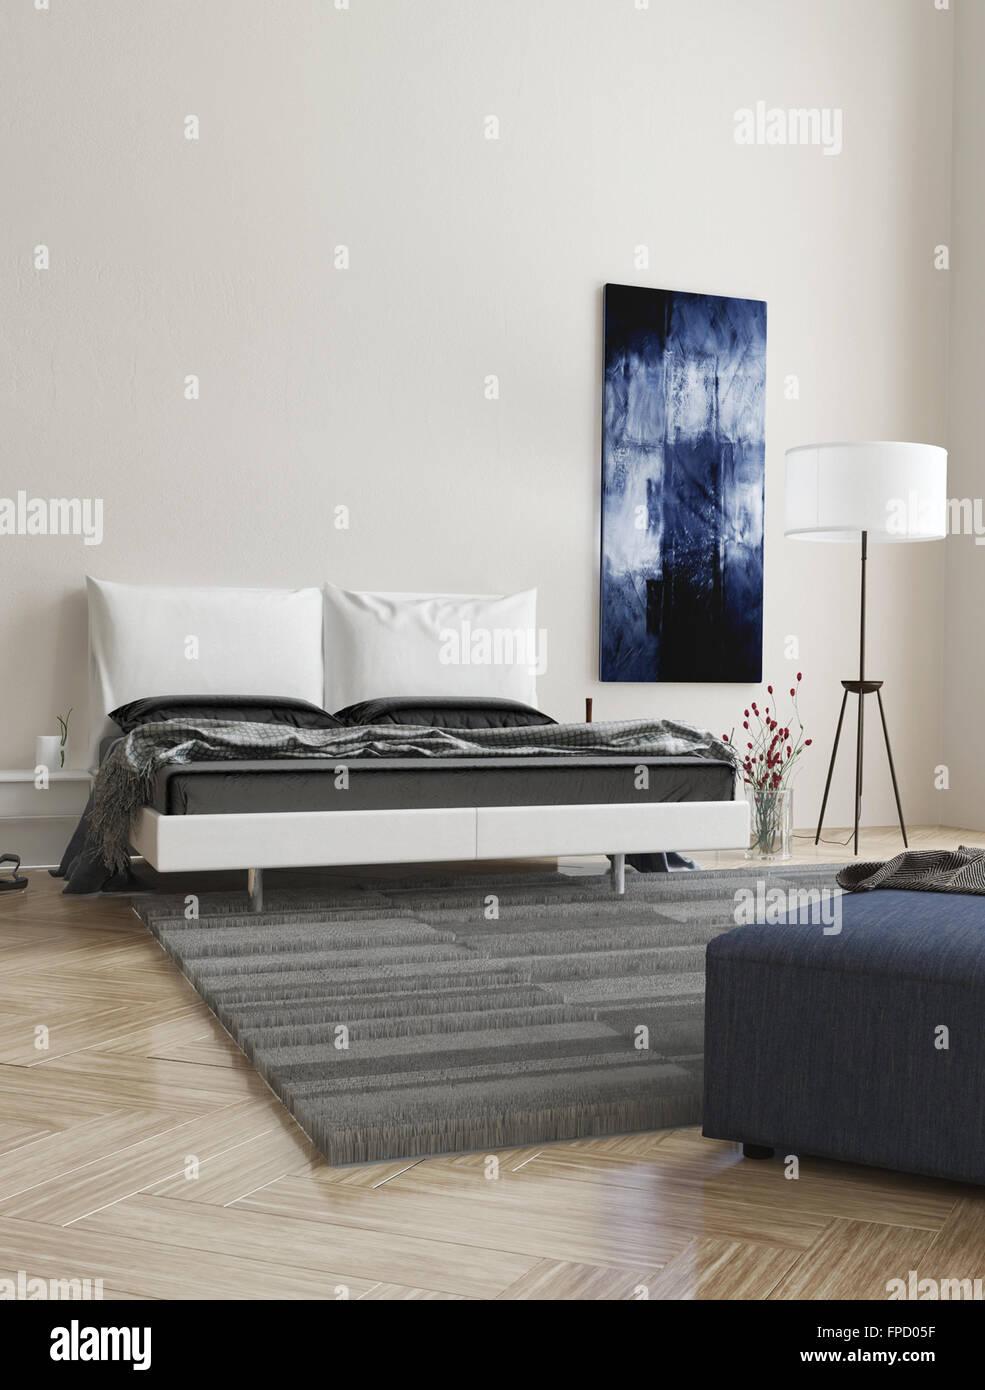 Contemporain Confortable Chambre Gris Et Blanc Avec Interieur